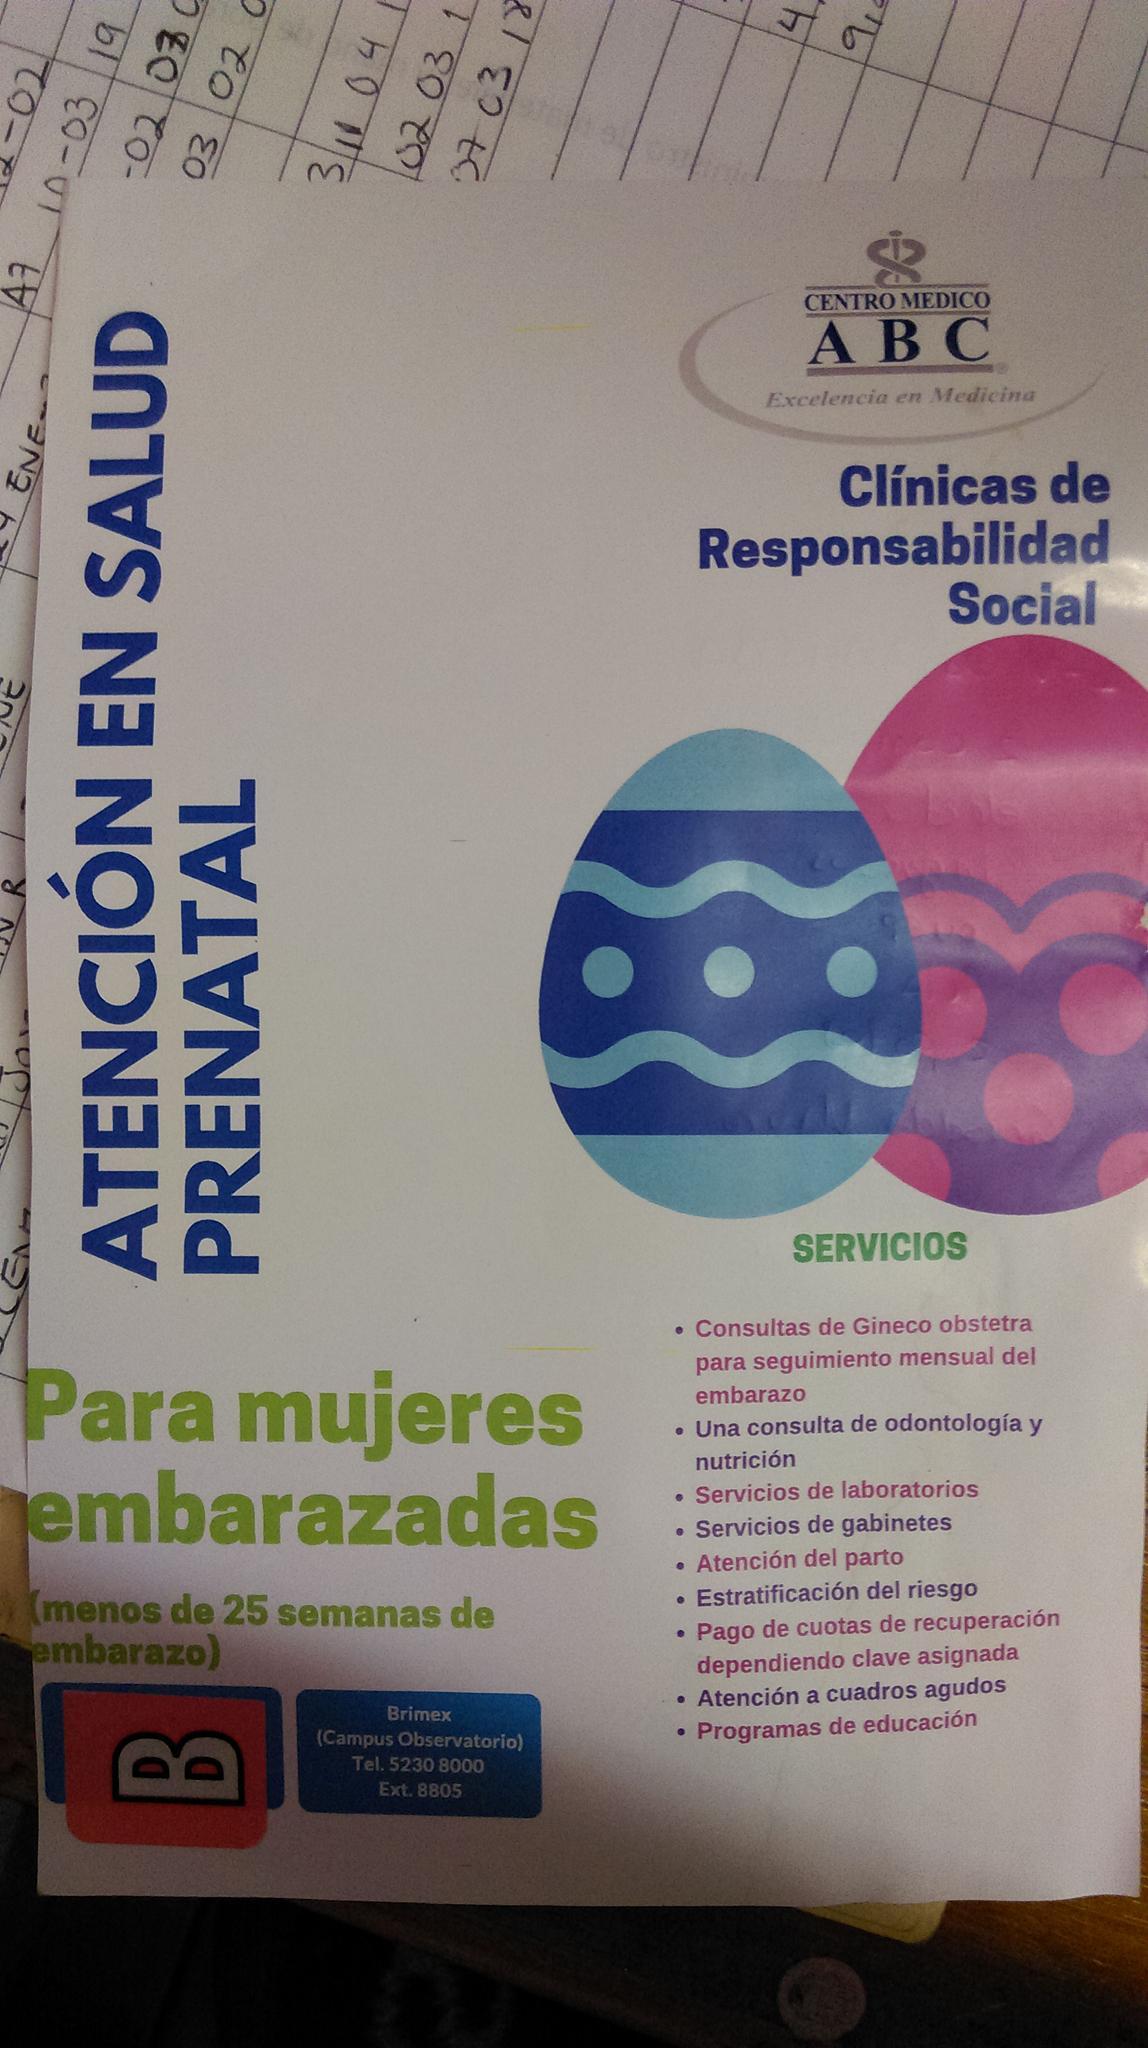 CDMX: HOSPITAL ABC ATENCIÓN PRENATAL Y PARTO